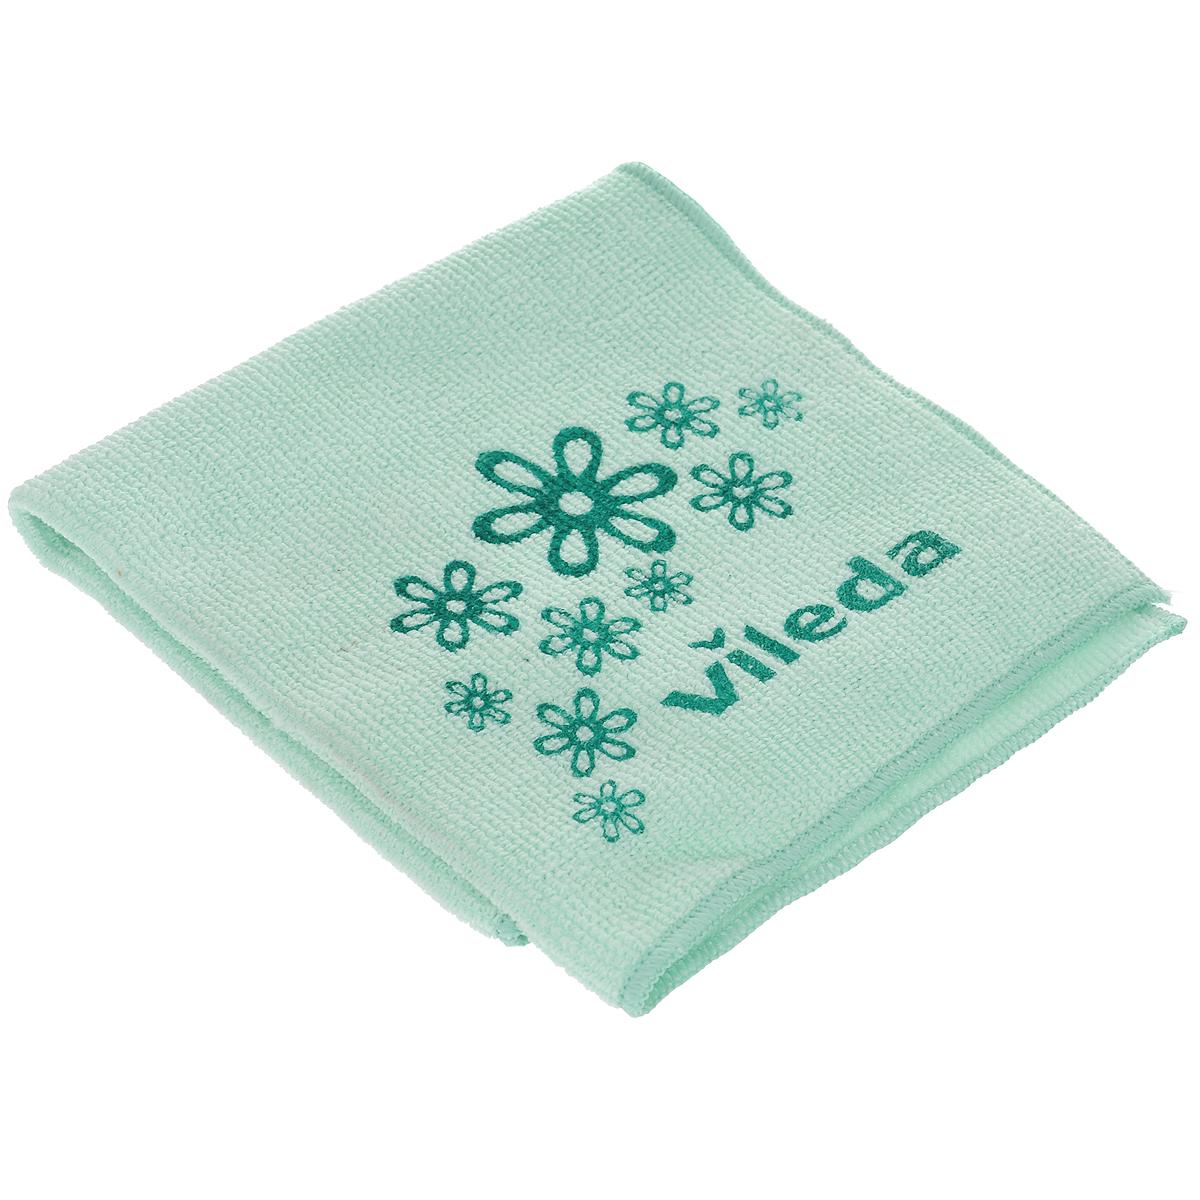 Салфетка универсальная Vileda Микрофибра, цвет: зеленый, 32 х 32 см салфетка универсальная vileda микрофибра цвет розовый 32 х 32 см